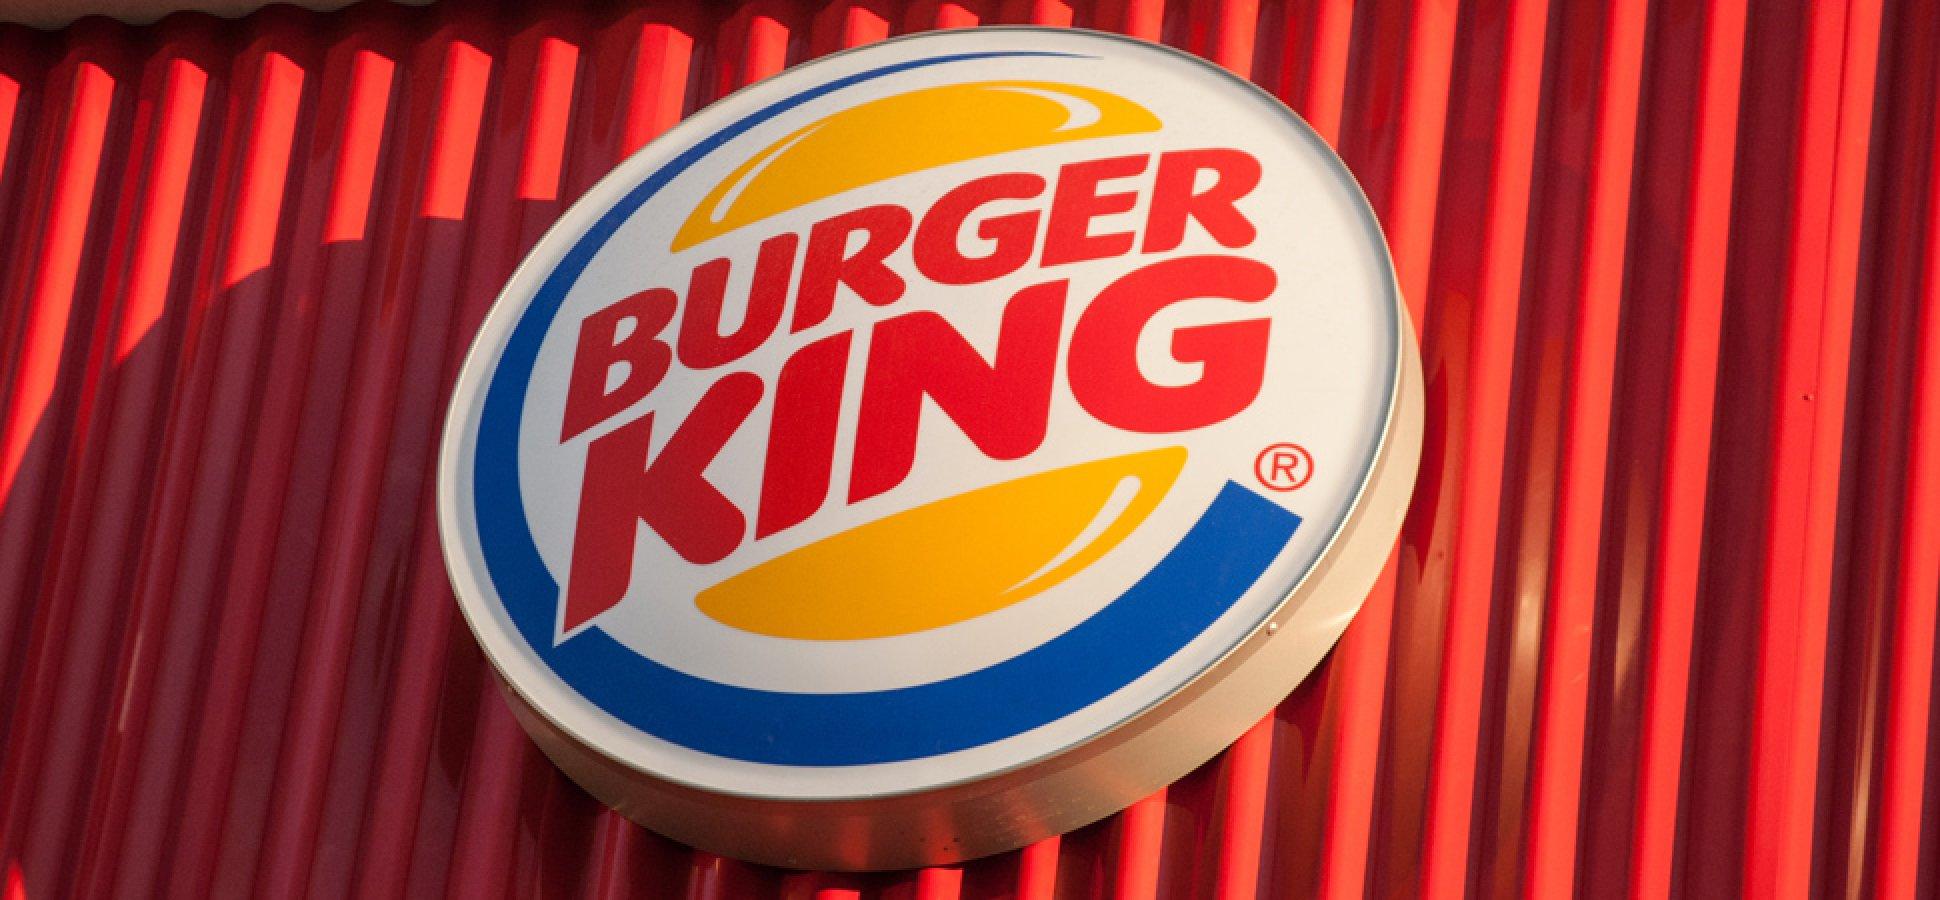 Magento Burger King B2B